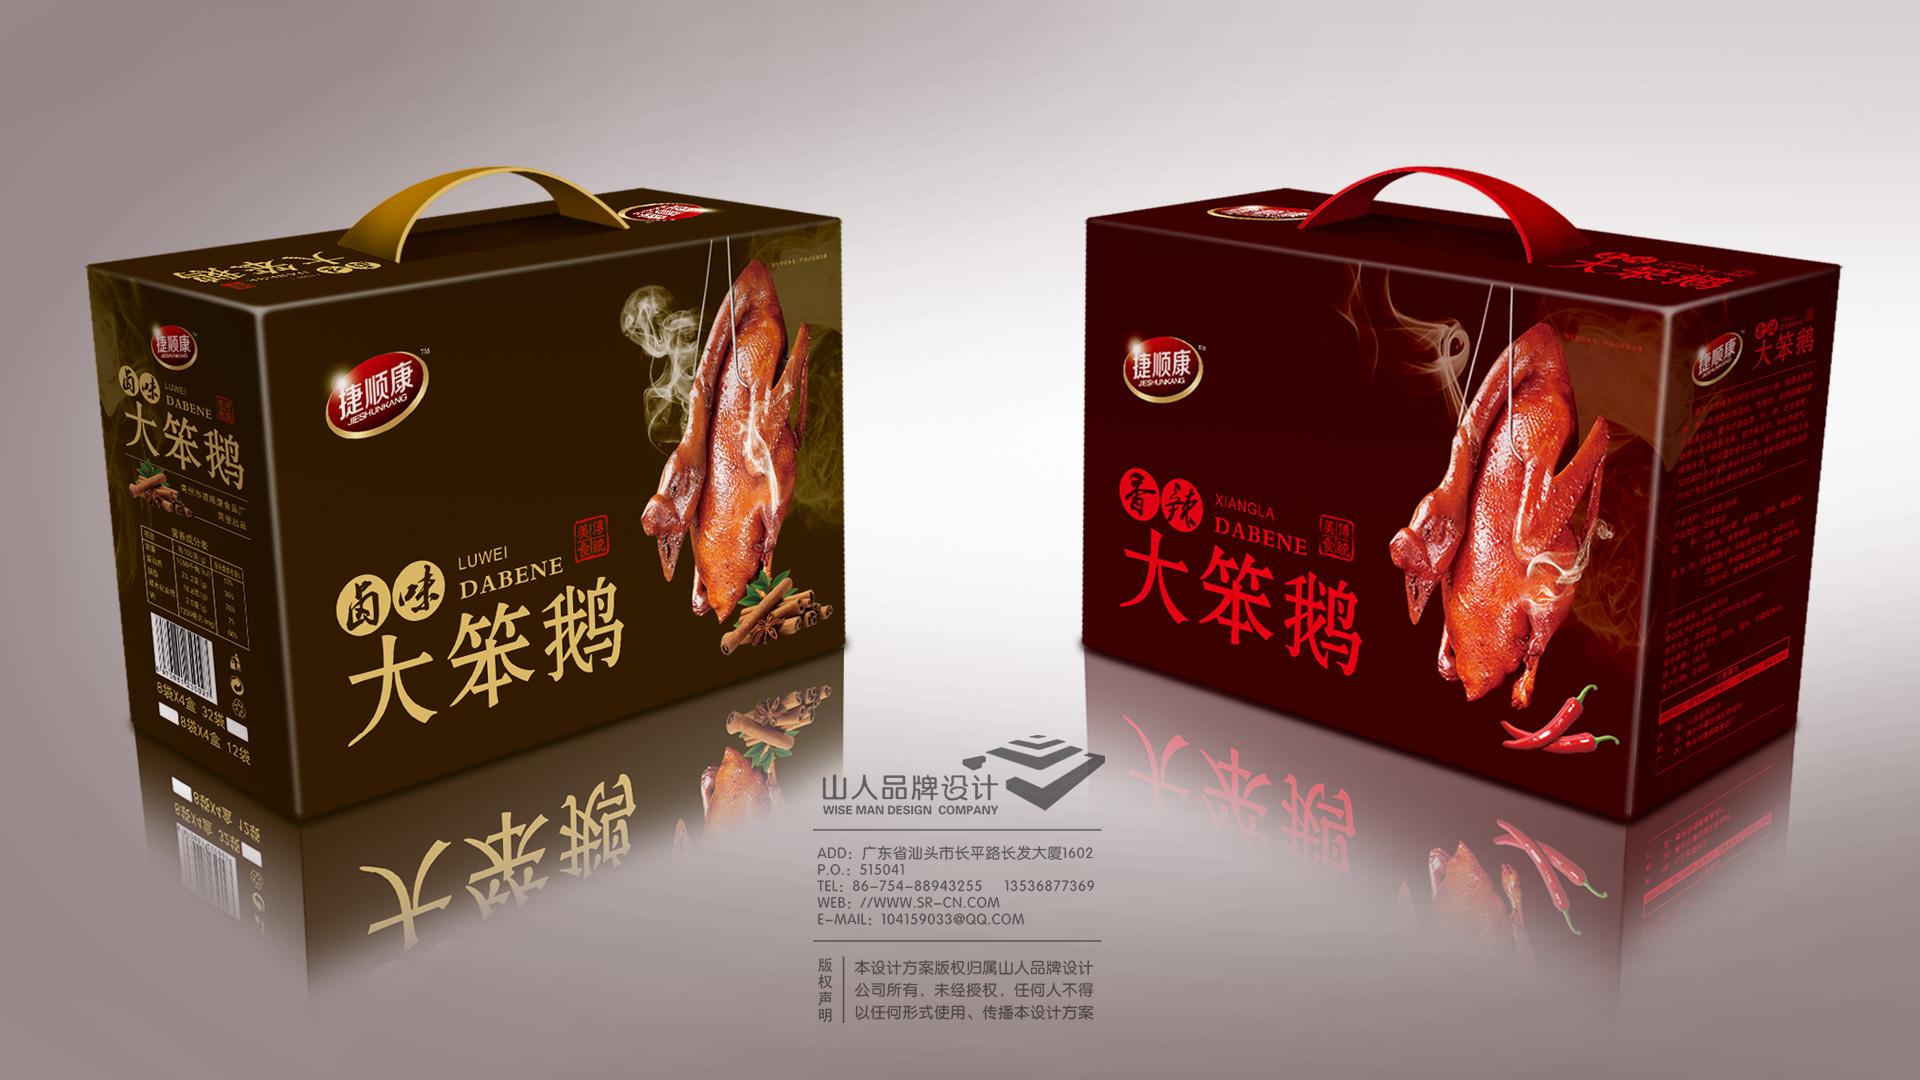 桐乡专业的植物饮料商标设计